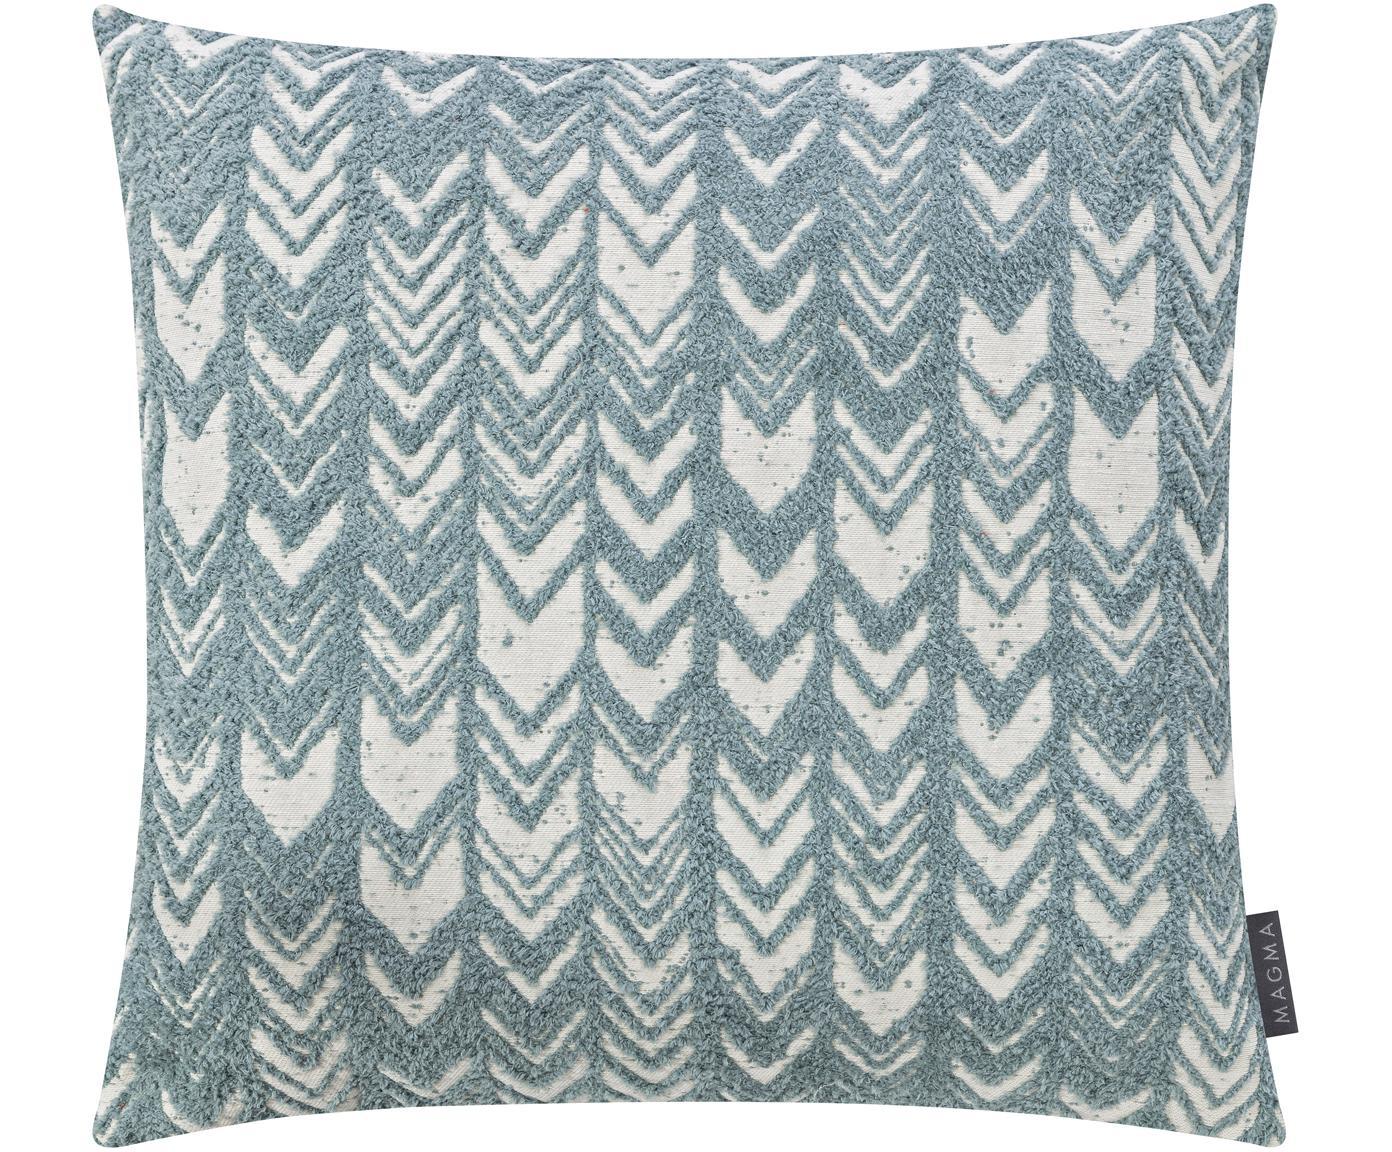 Kussenhoes Tilas met hoog-laag patroon, Weeftechniek: jacquard, Mintblauw, crèmekleurig, 40 x 40 cm